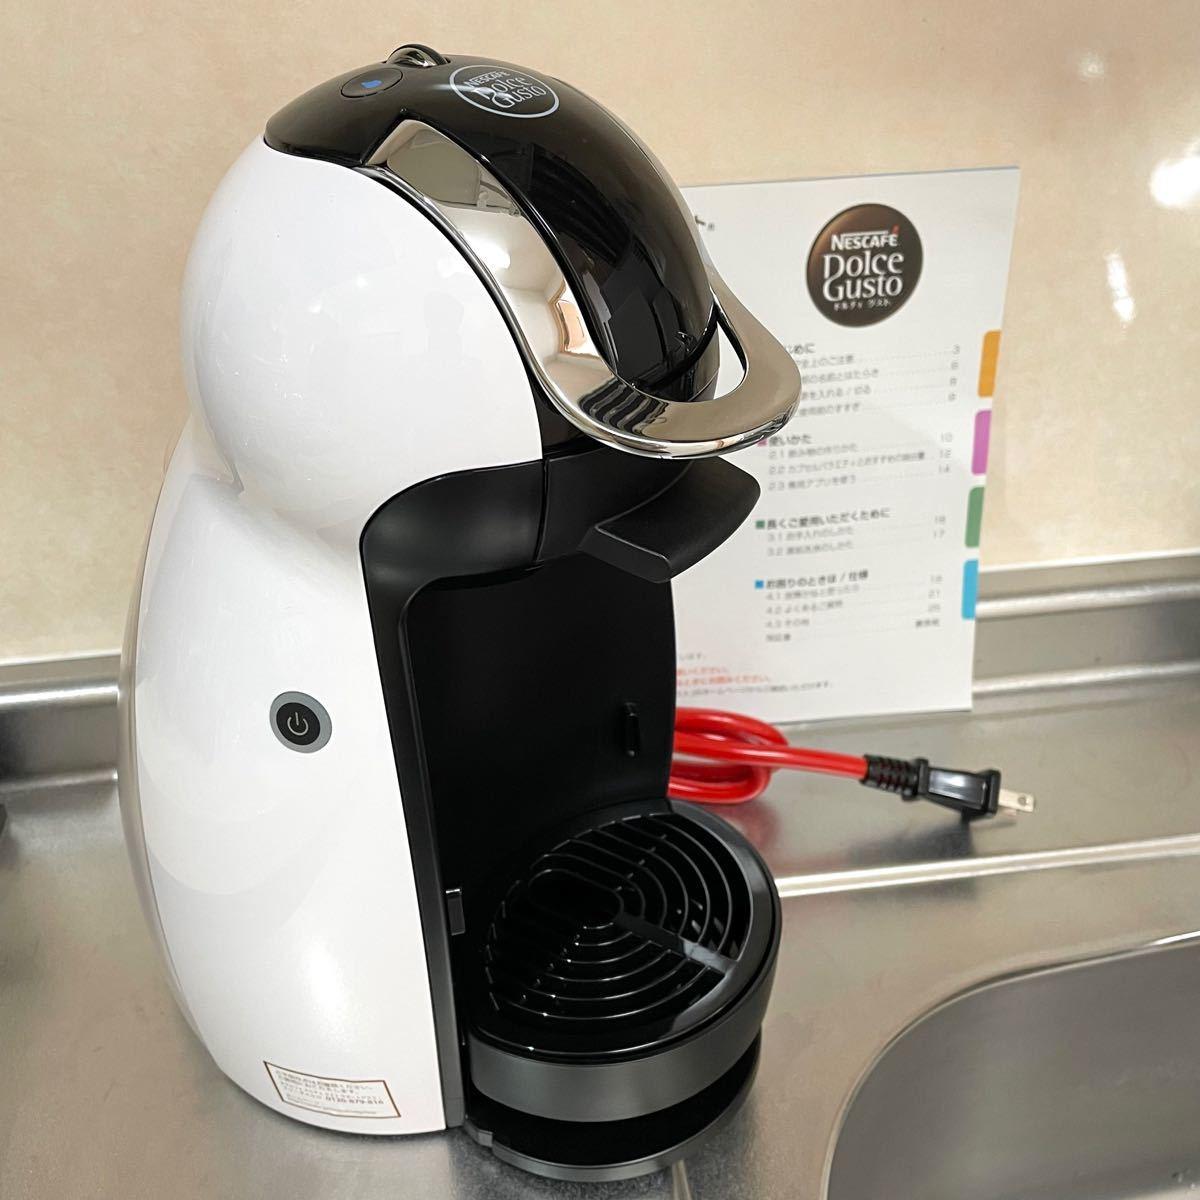 ネスカフェ ドルチェ グスト ジェニオ アイ ホワイト MD9747S コーヒーメーカー エスプレッソ